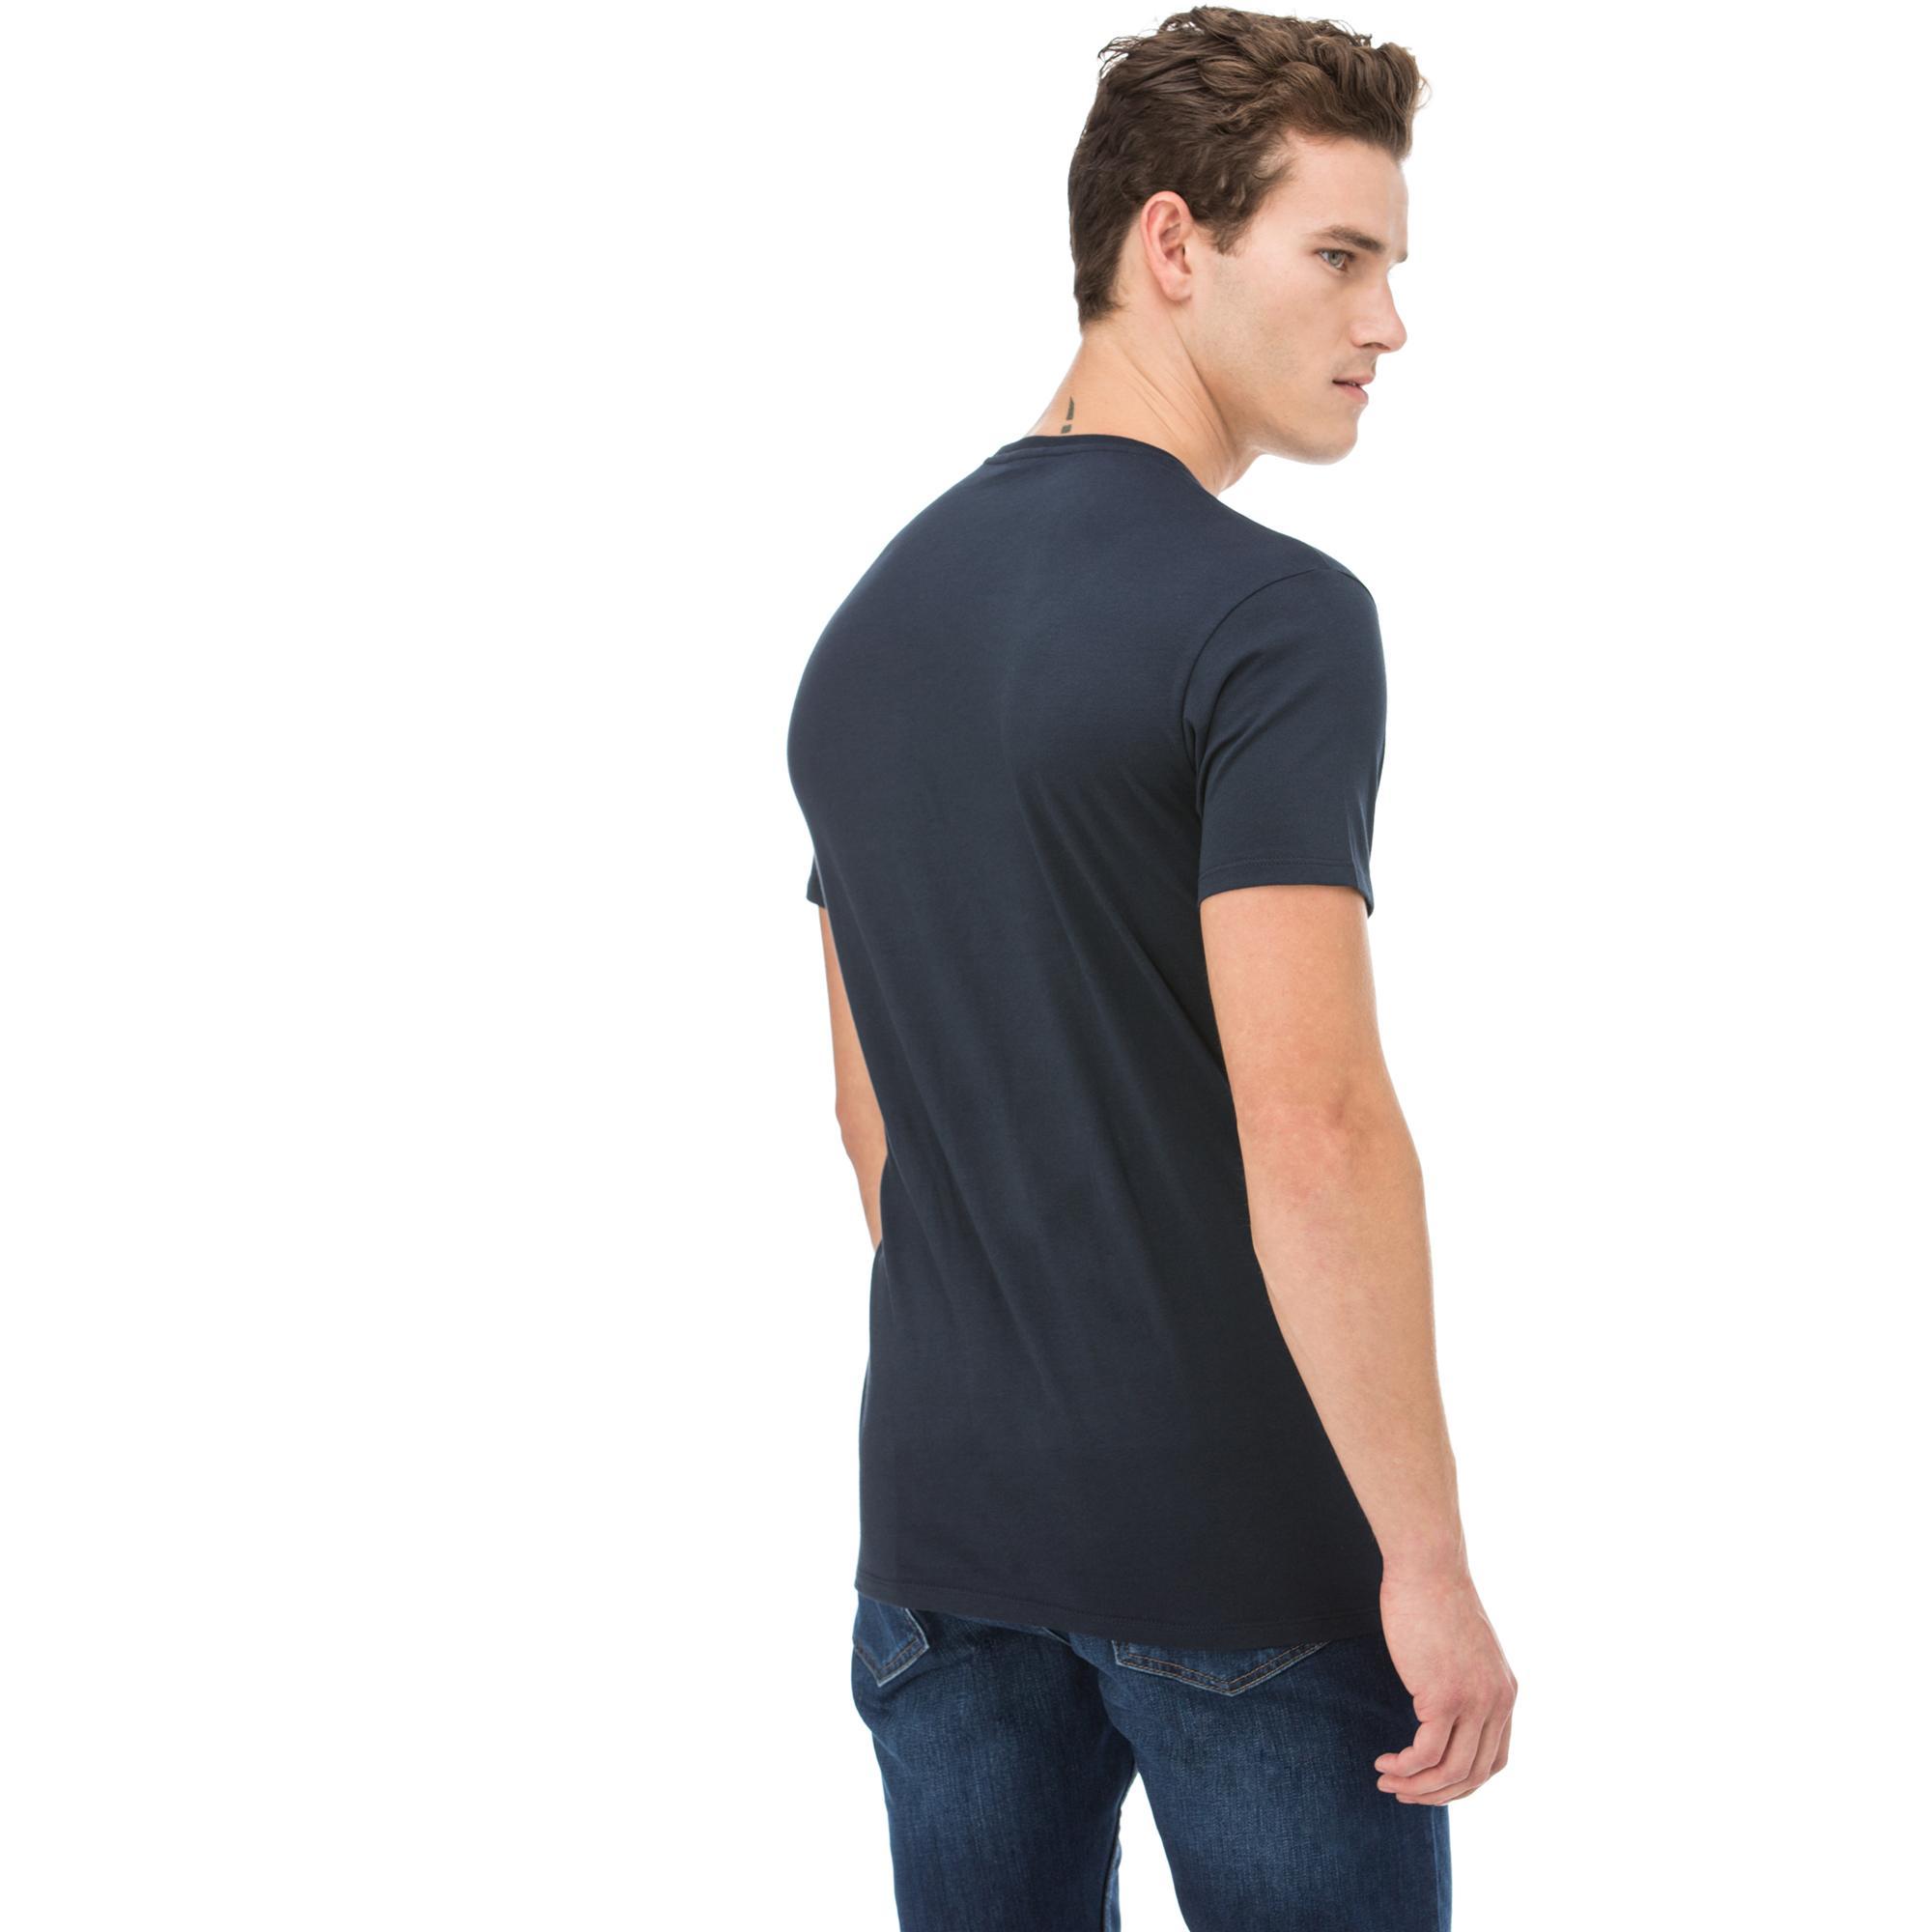 V-yaka tshirt